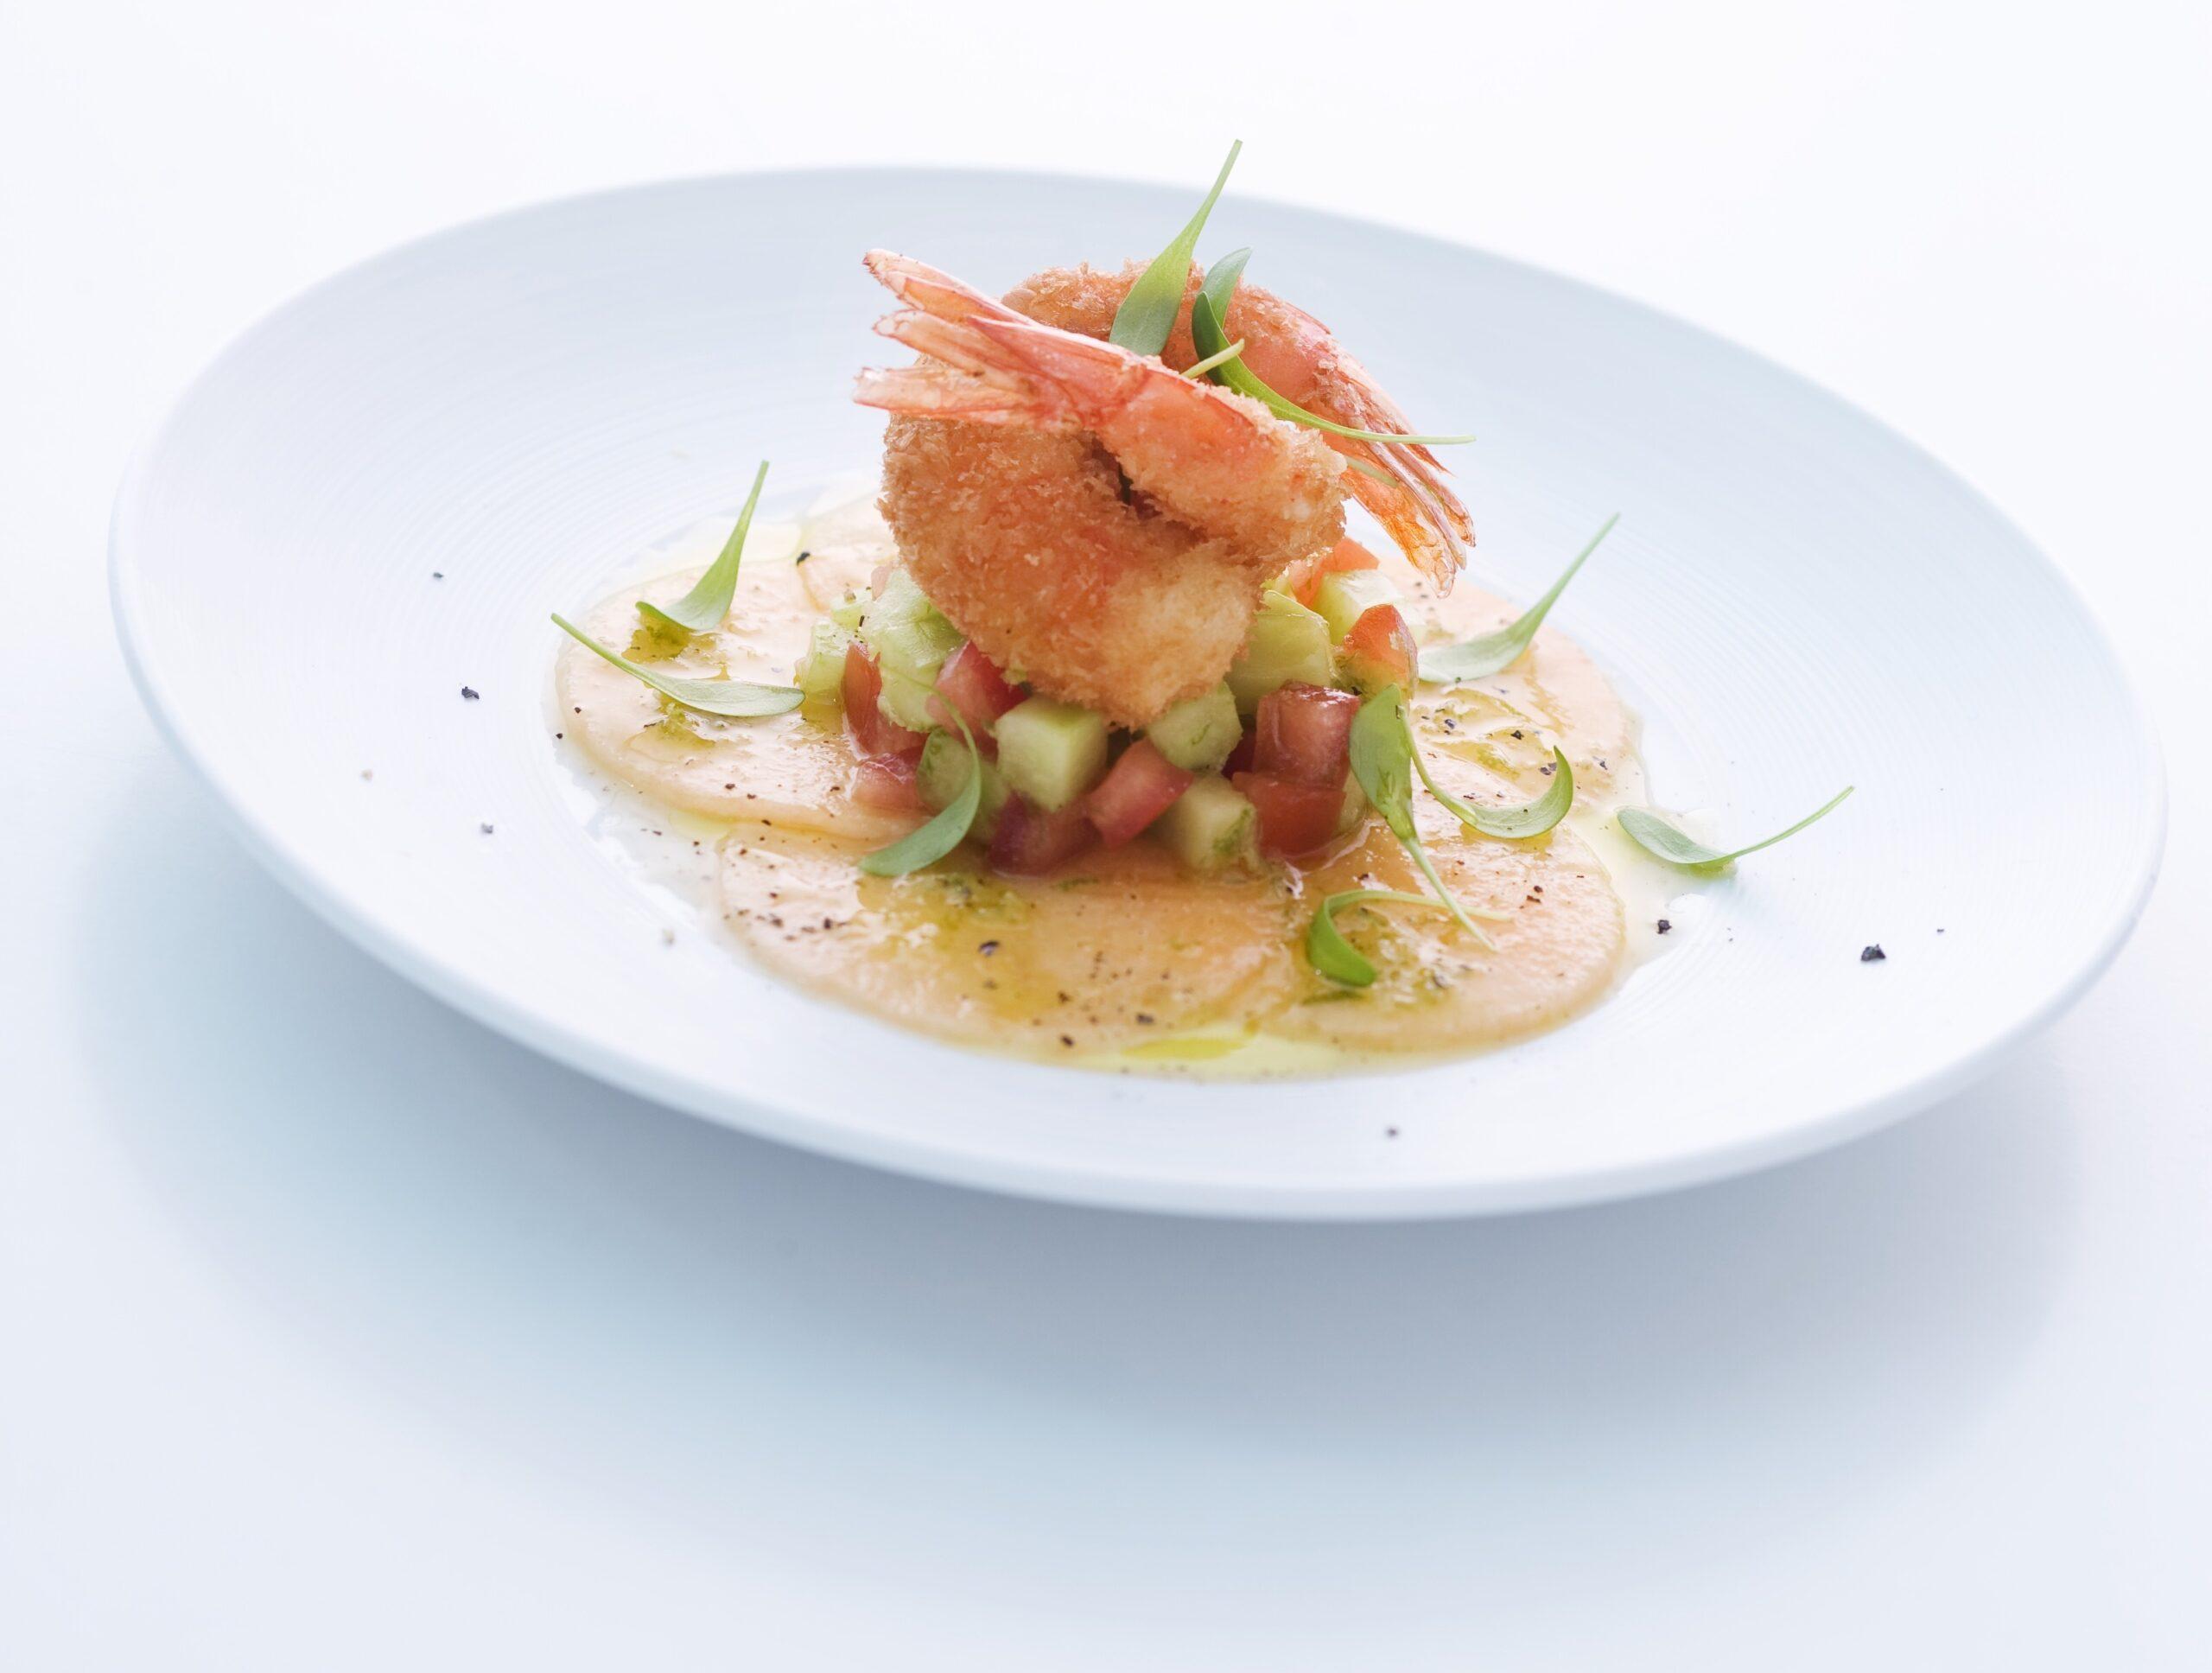 Gebackene Riesengarnelen mit Gurken-Tomaten-Salat und Melonen-Carpaccio